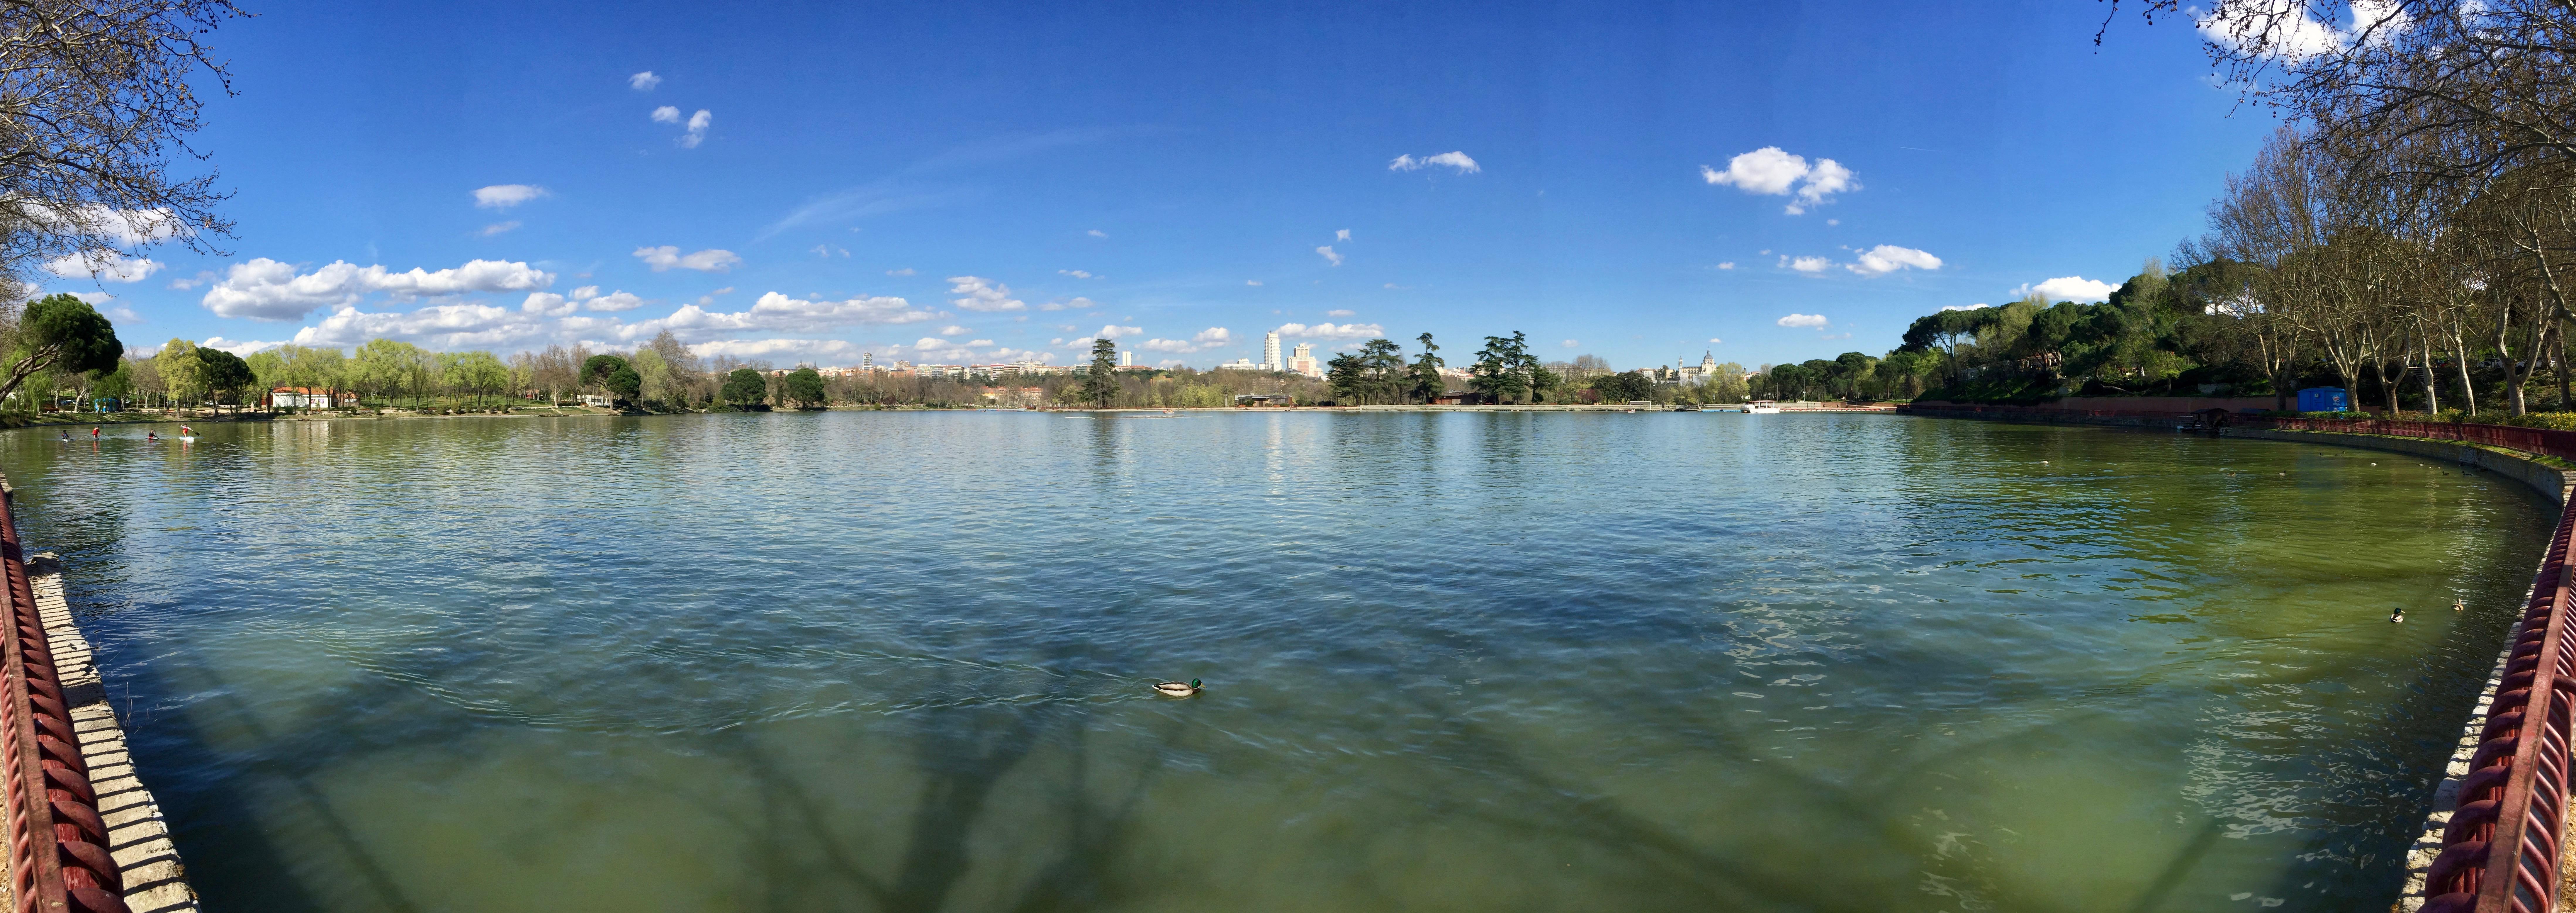 A panorama across the lake